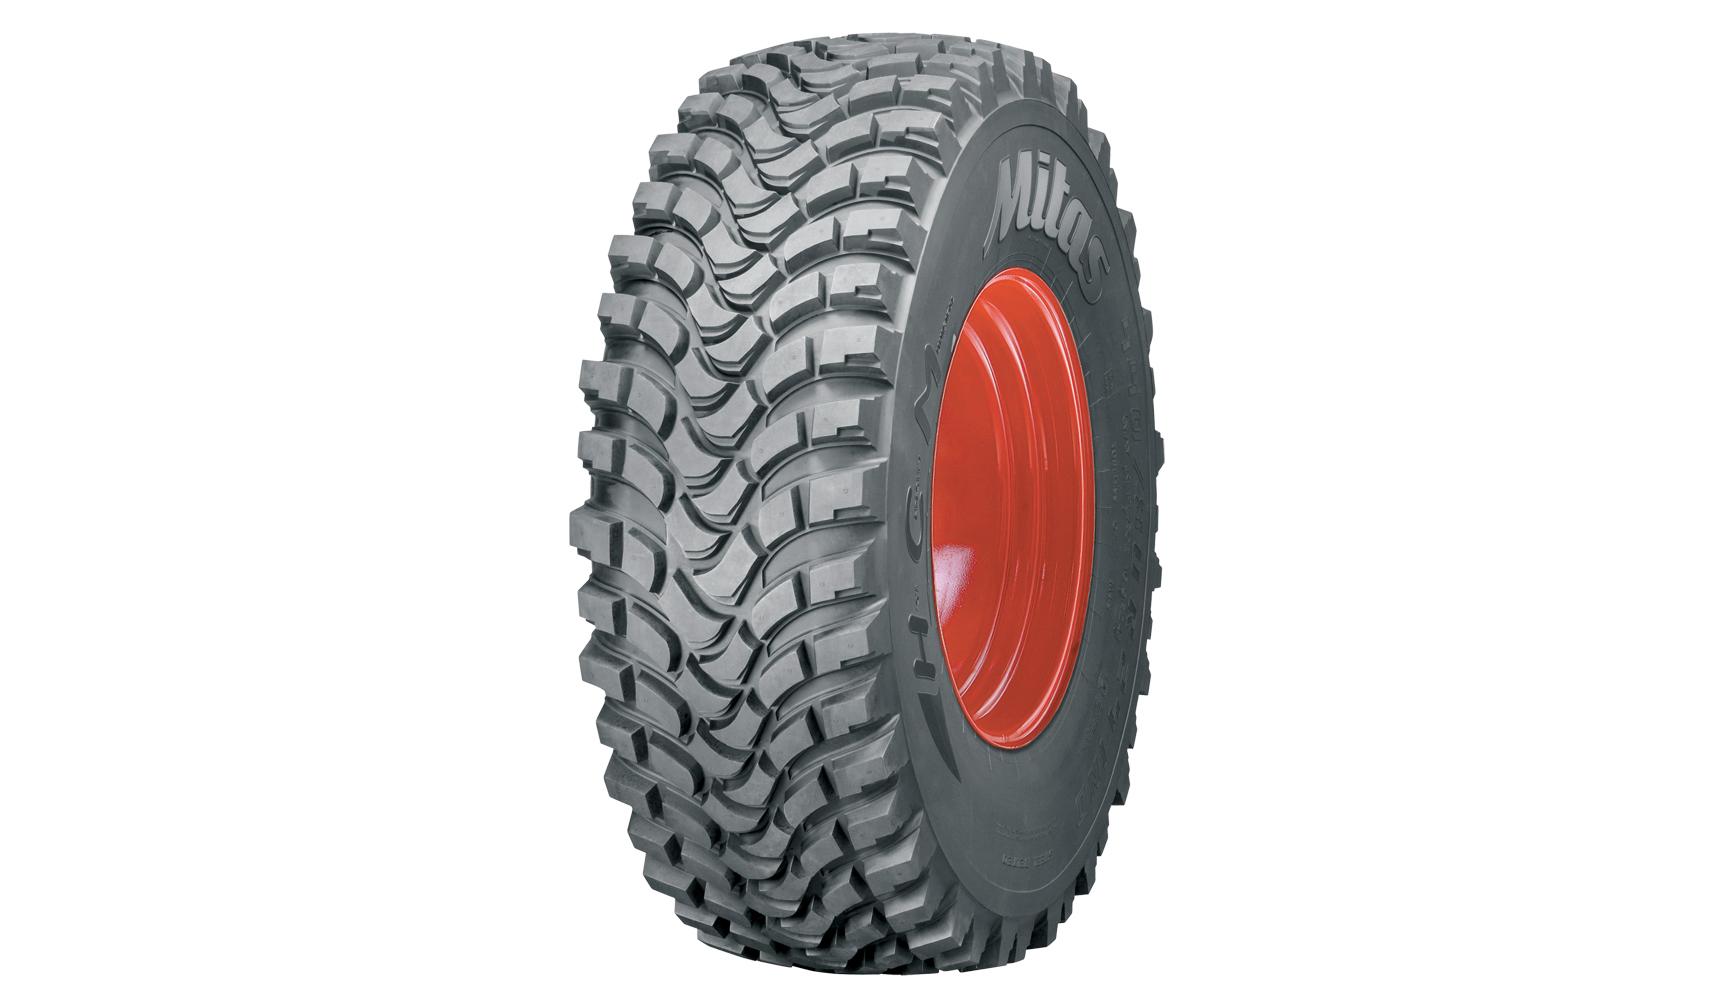 Mitas HCM tyres